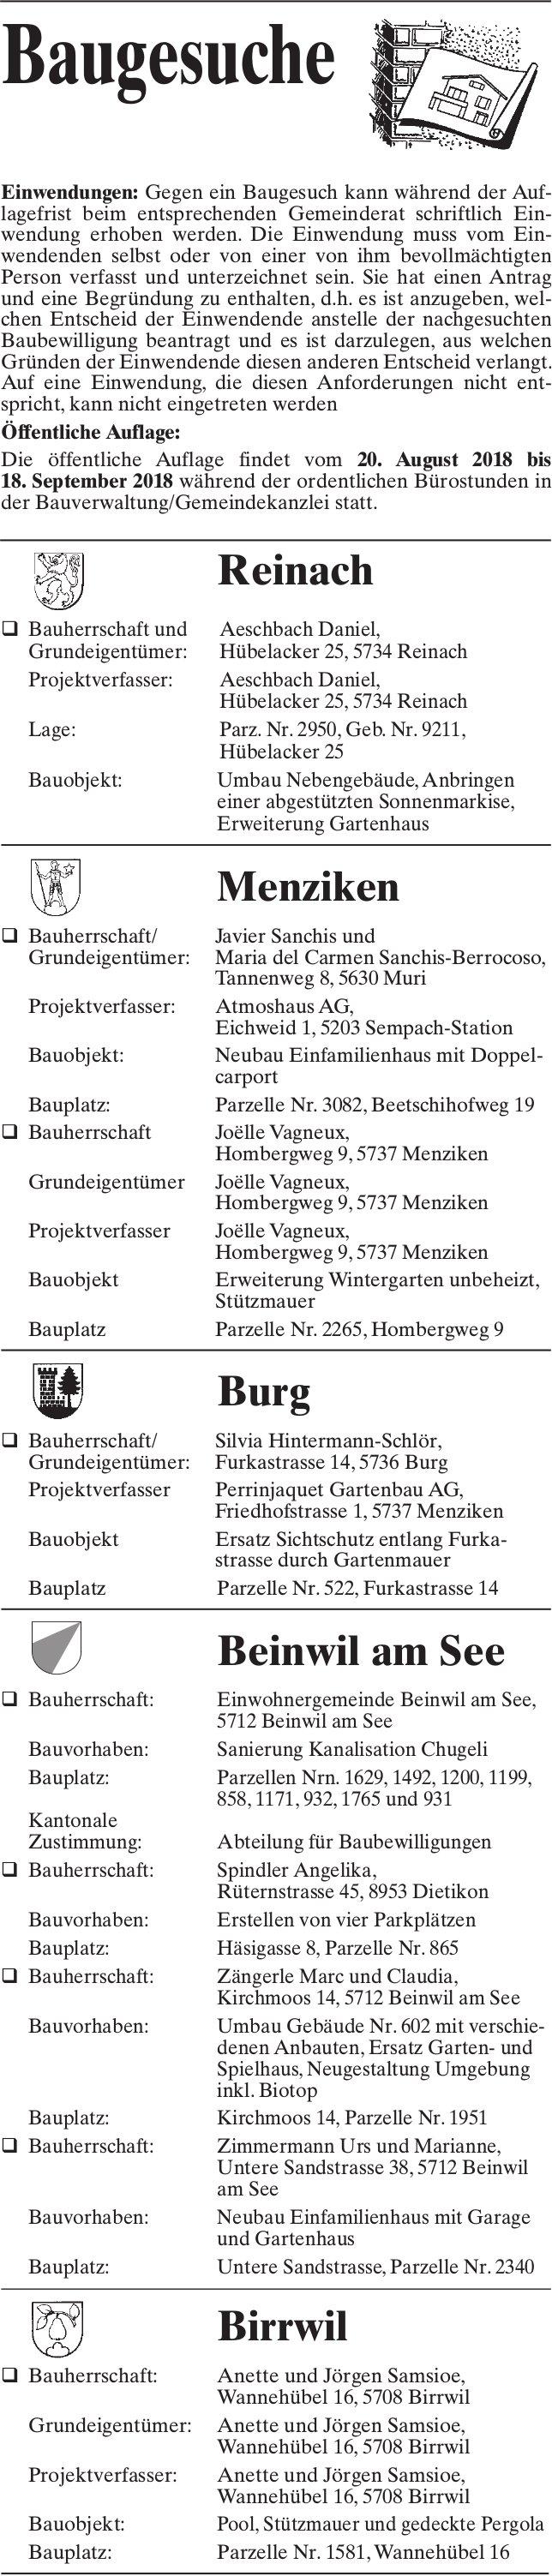 Baugesuche Reinach, Menziken, Burg, Beinwil am See & Birrwil